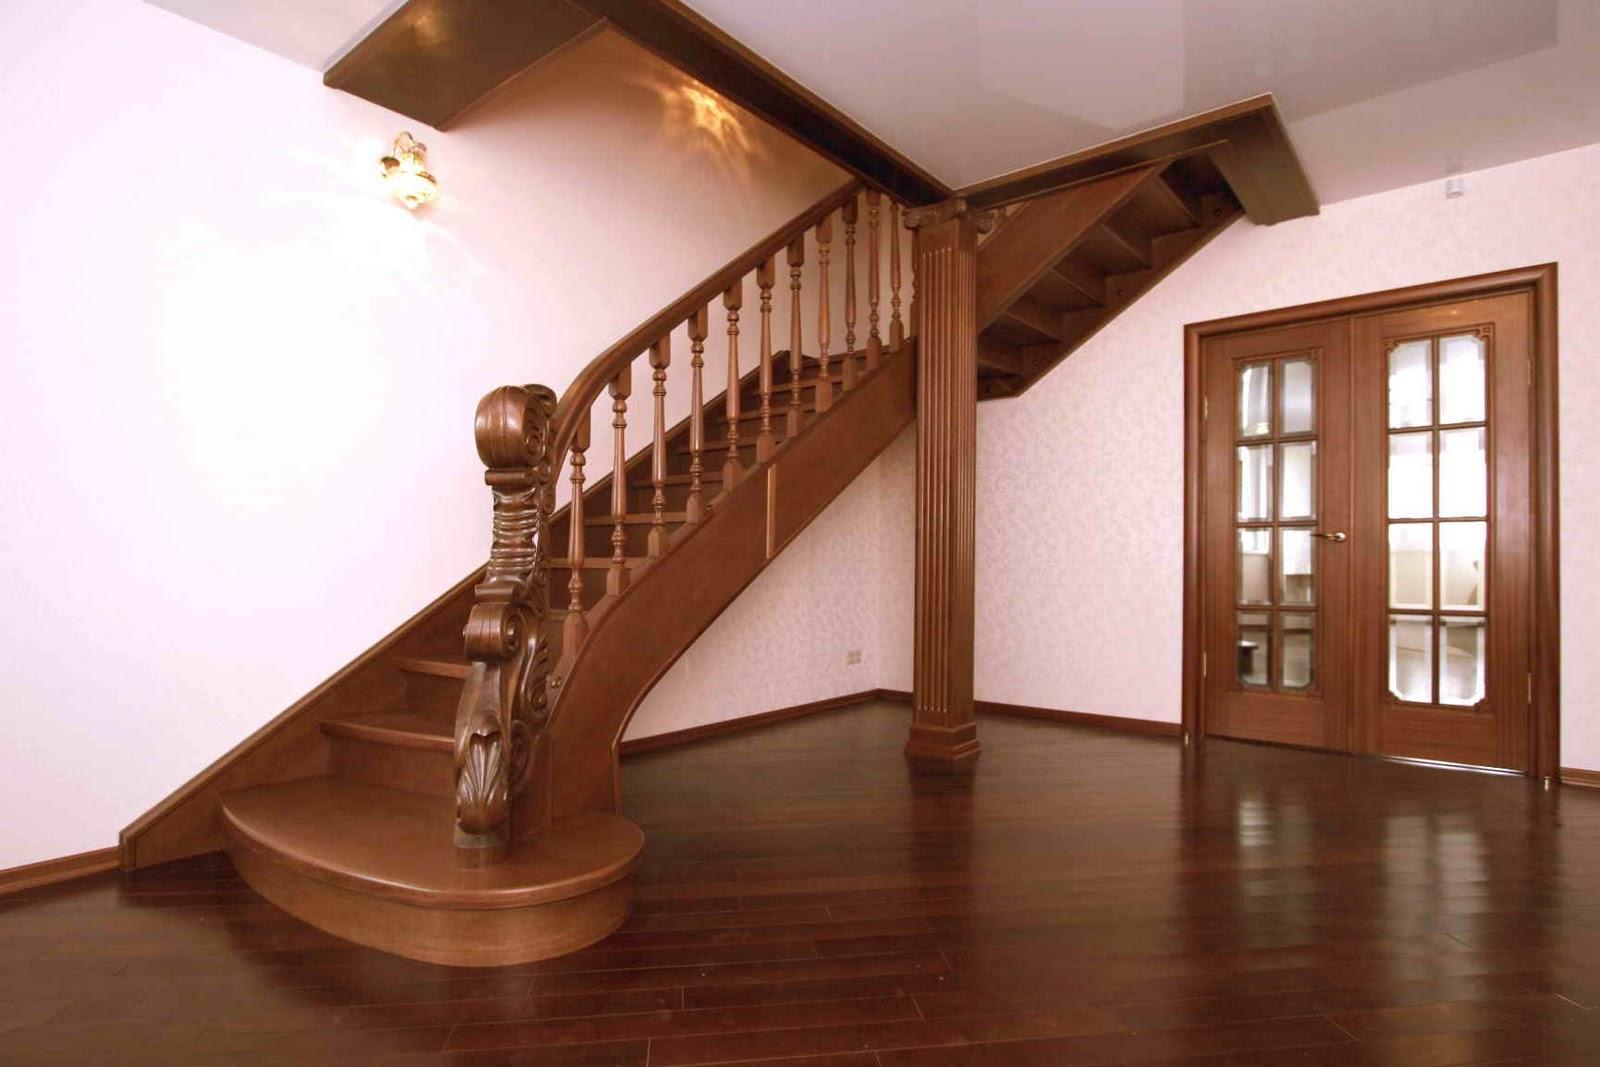 Изготовление лестниц на заказ в Екатеринбурге - столярная мастерская Treelogia